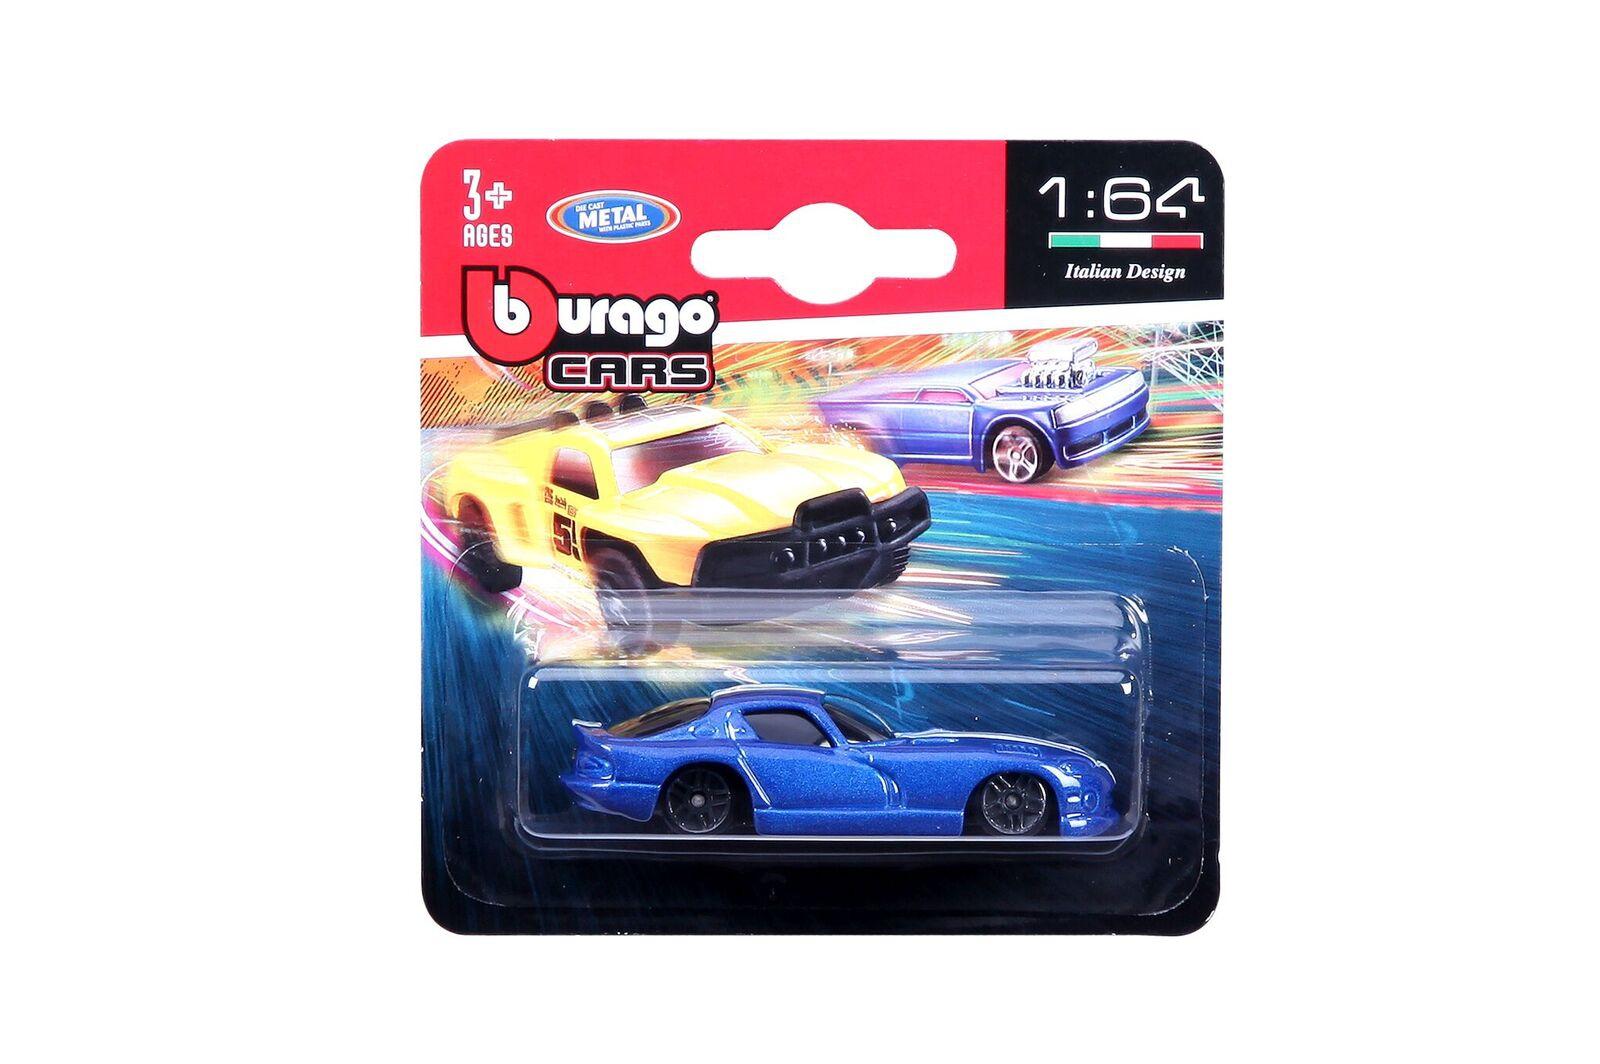 BBURAGO 1/64 Auto